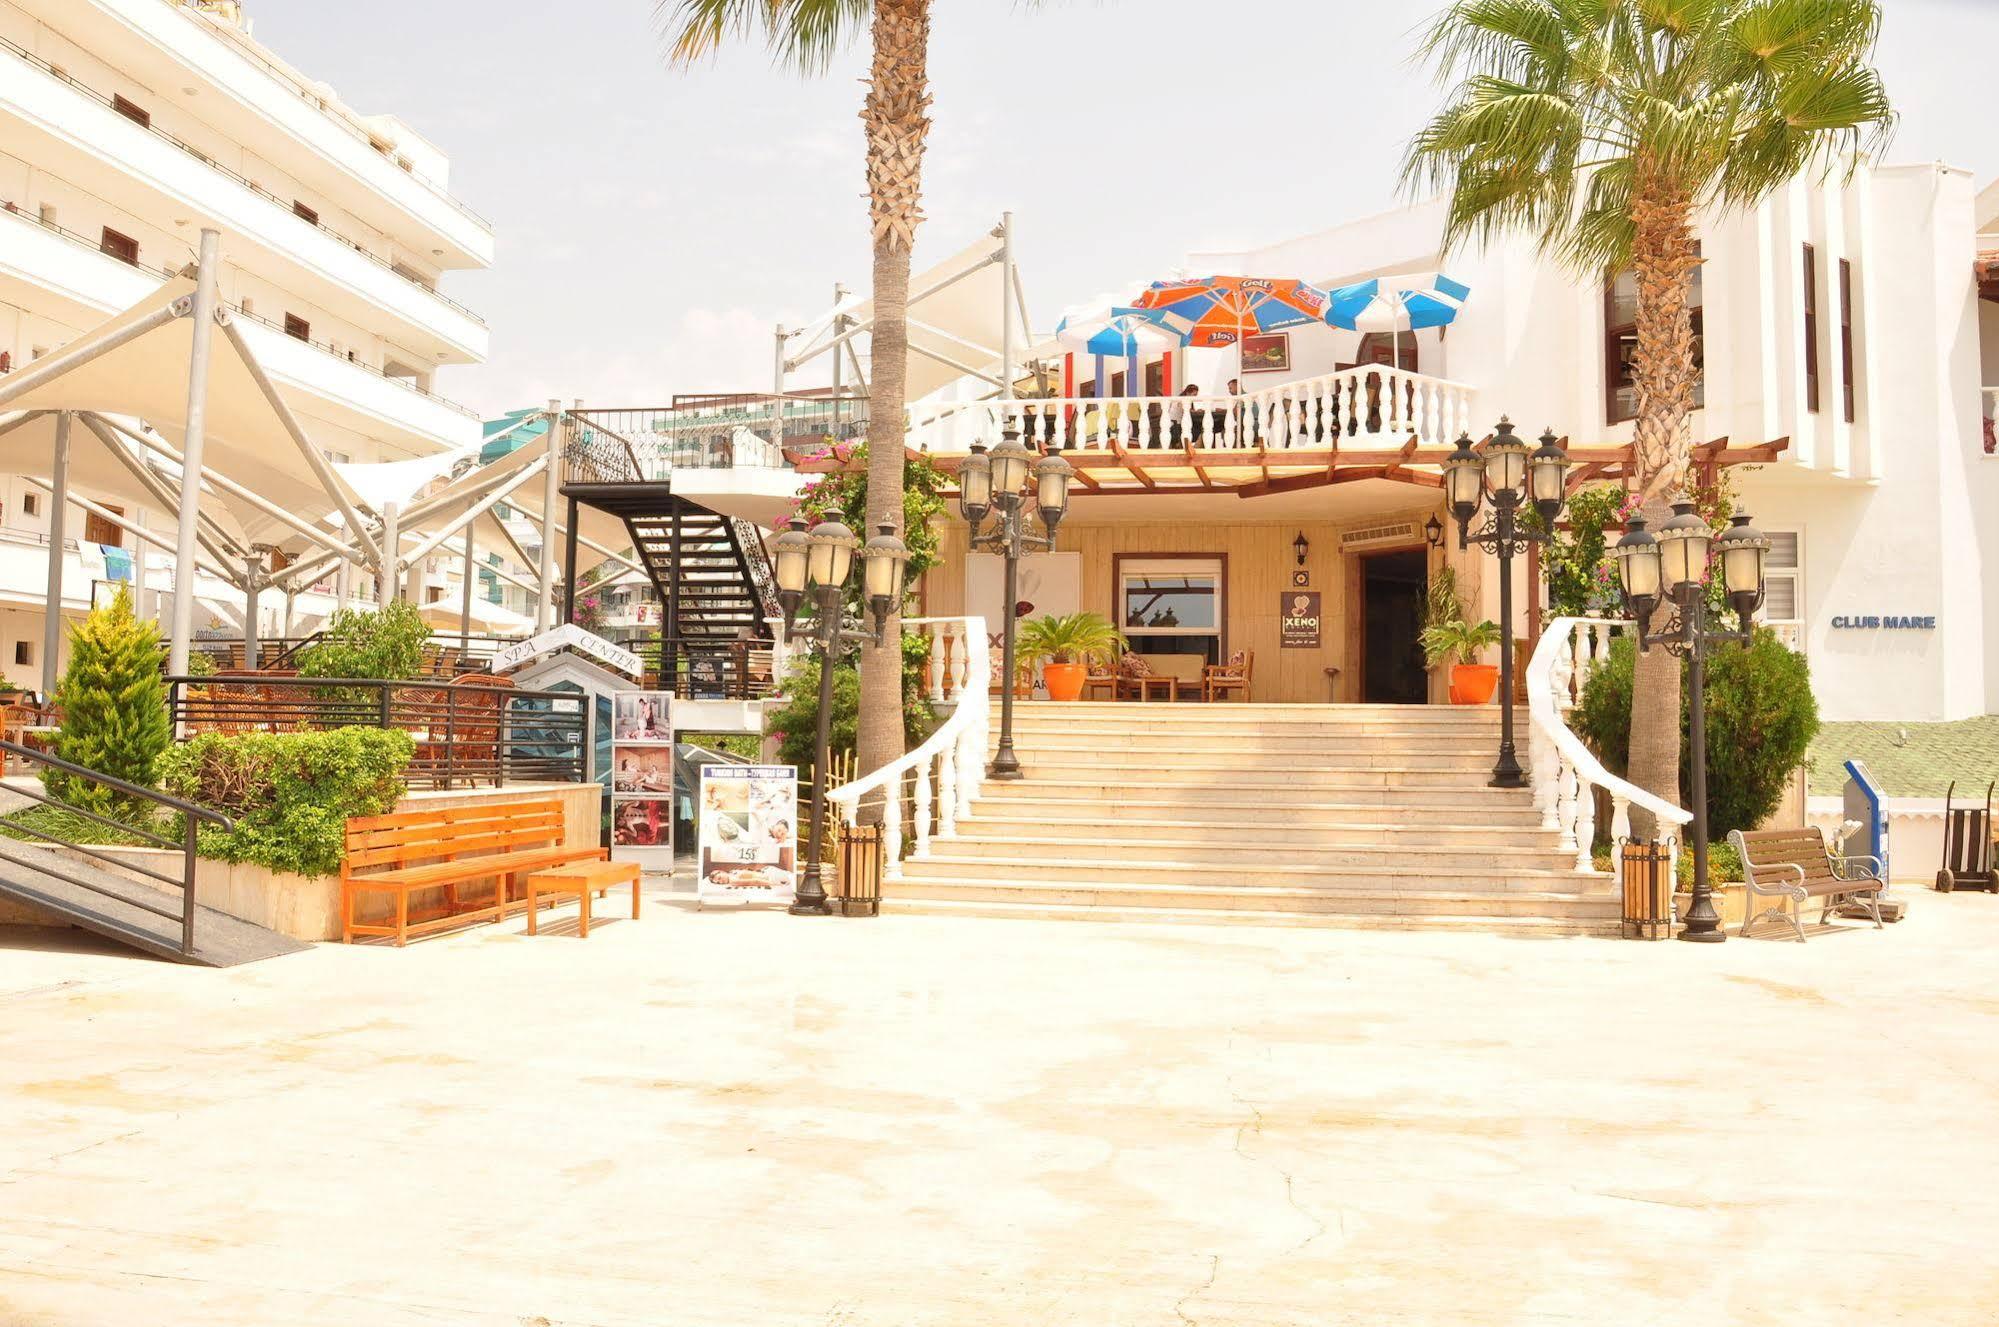 Xeno Club Mare Hotel